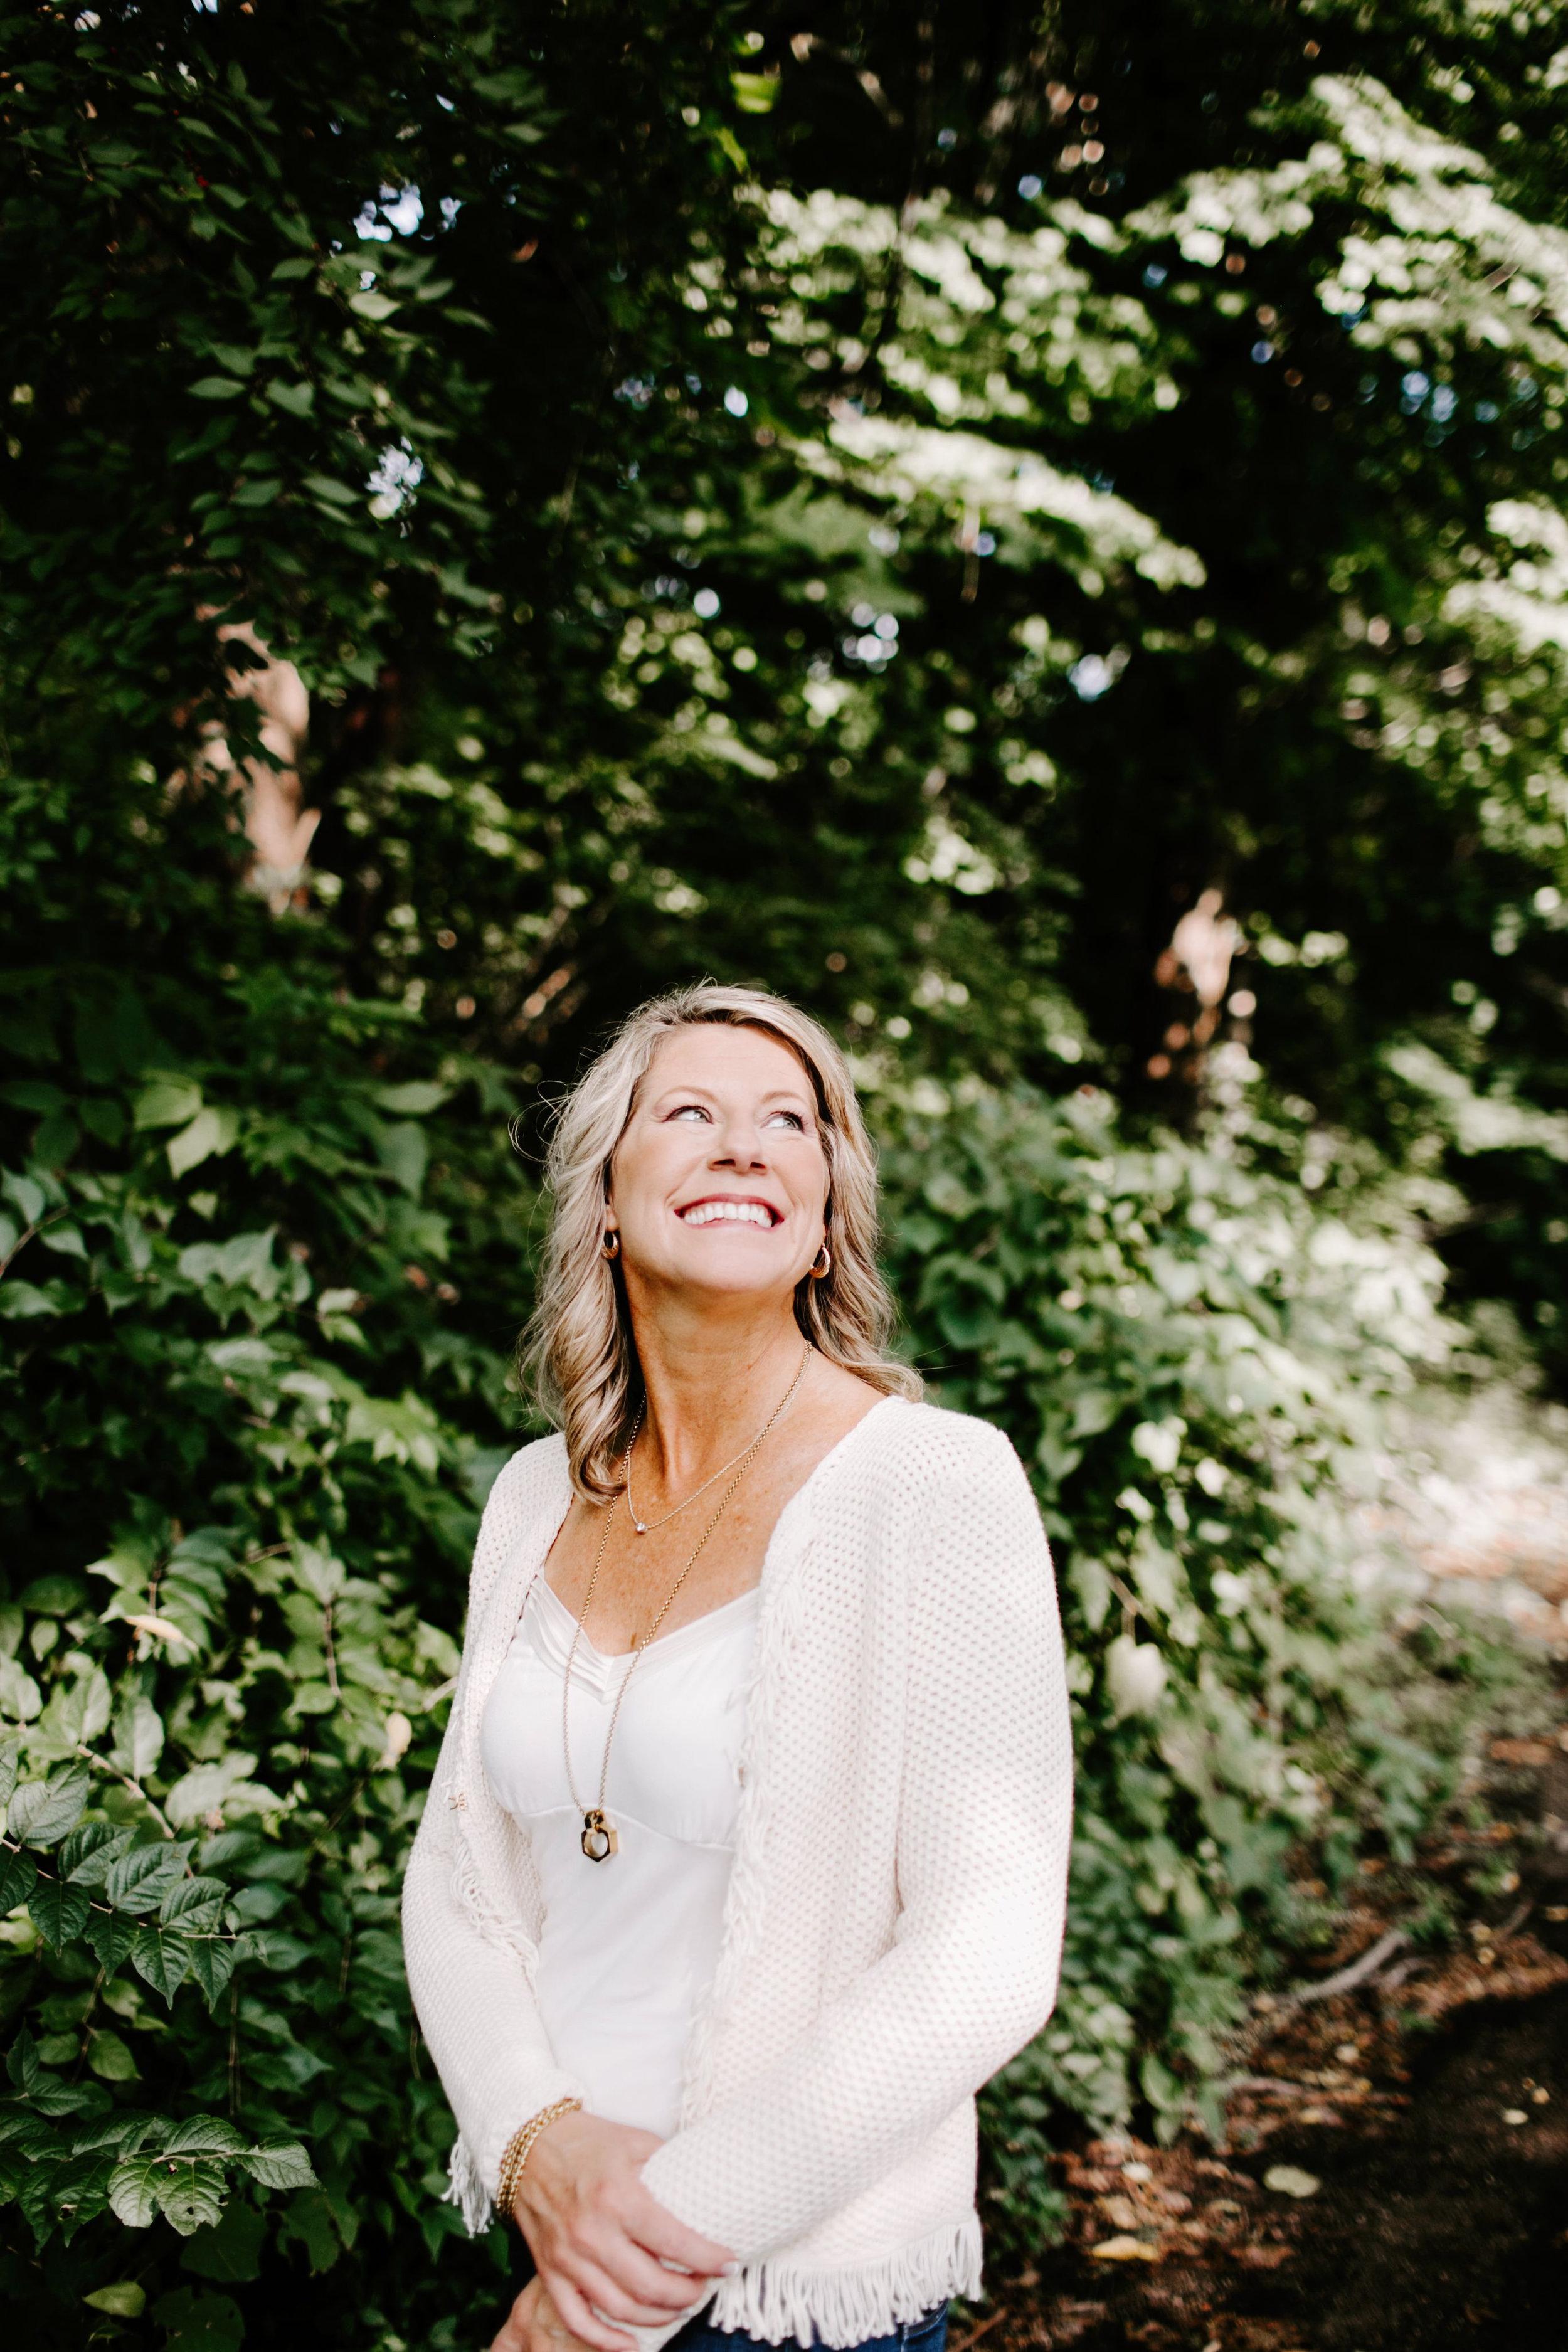 Lori Bisser Headshots Indianapolis Indiana Emily Elyse Wehner Photography LLC-46.jpg